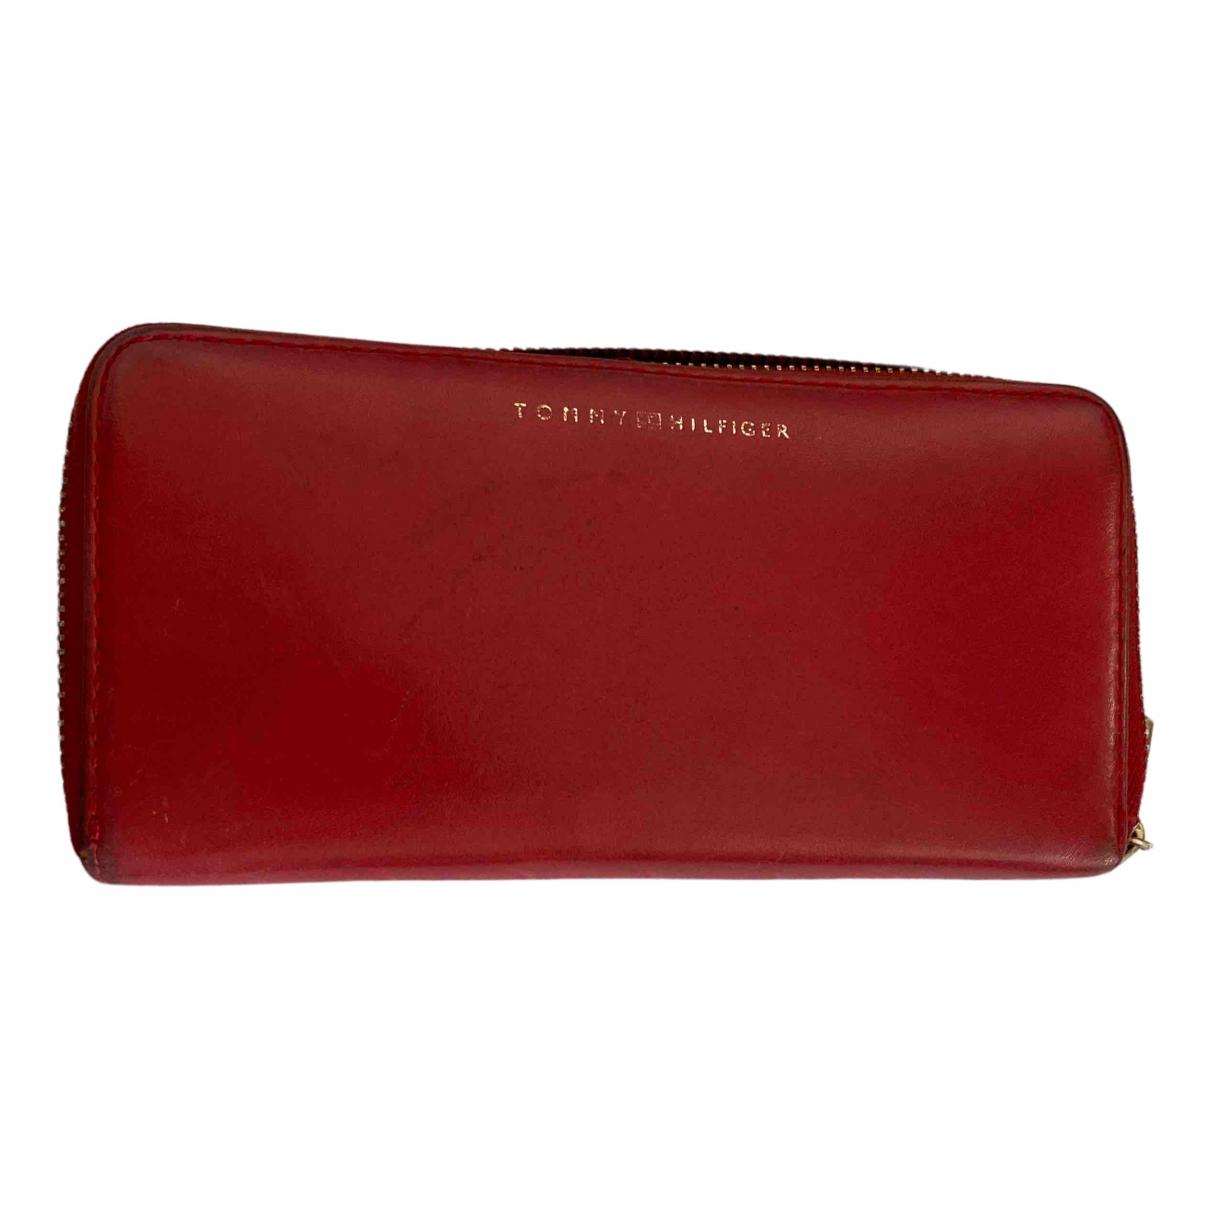 Tommy Hilfiger \N Portemonnaie in  Rot Leder